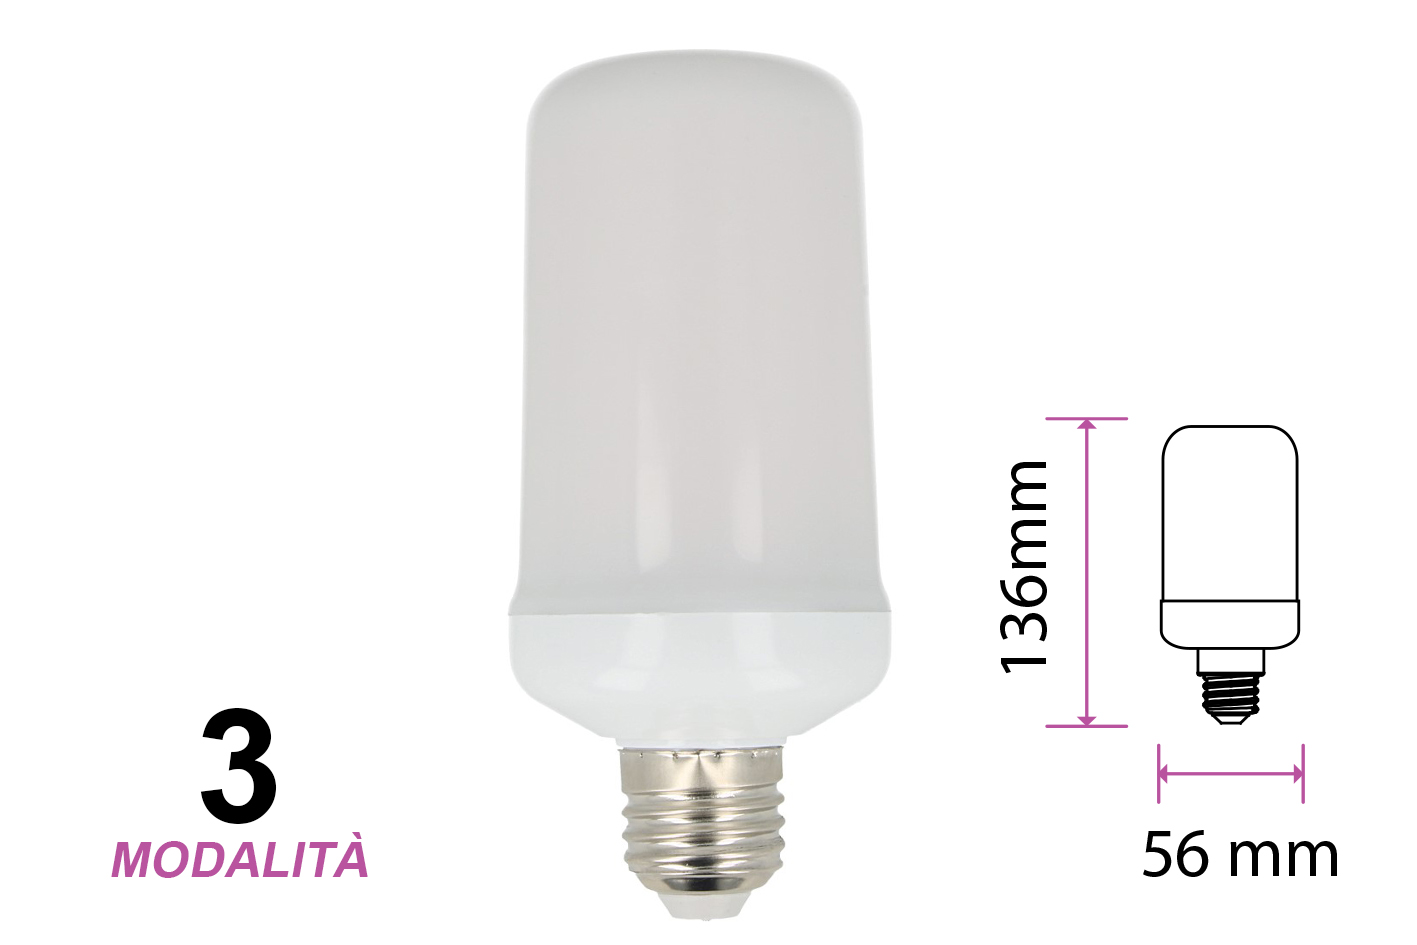 Lampada Led E27 Effetto Fiamma Finta Fuoco Tremolante Decorativa Vintage 3 Mode 6W 1700K Luce Fissa Breathing Light - PZ